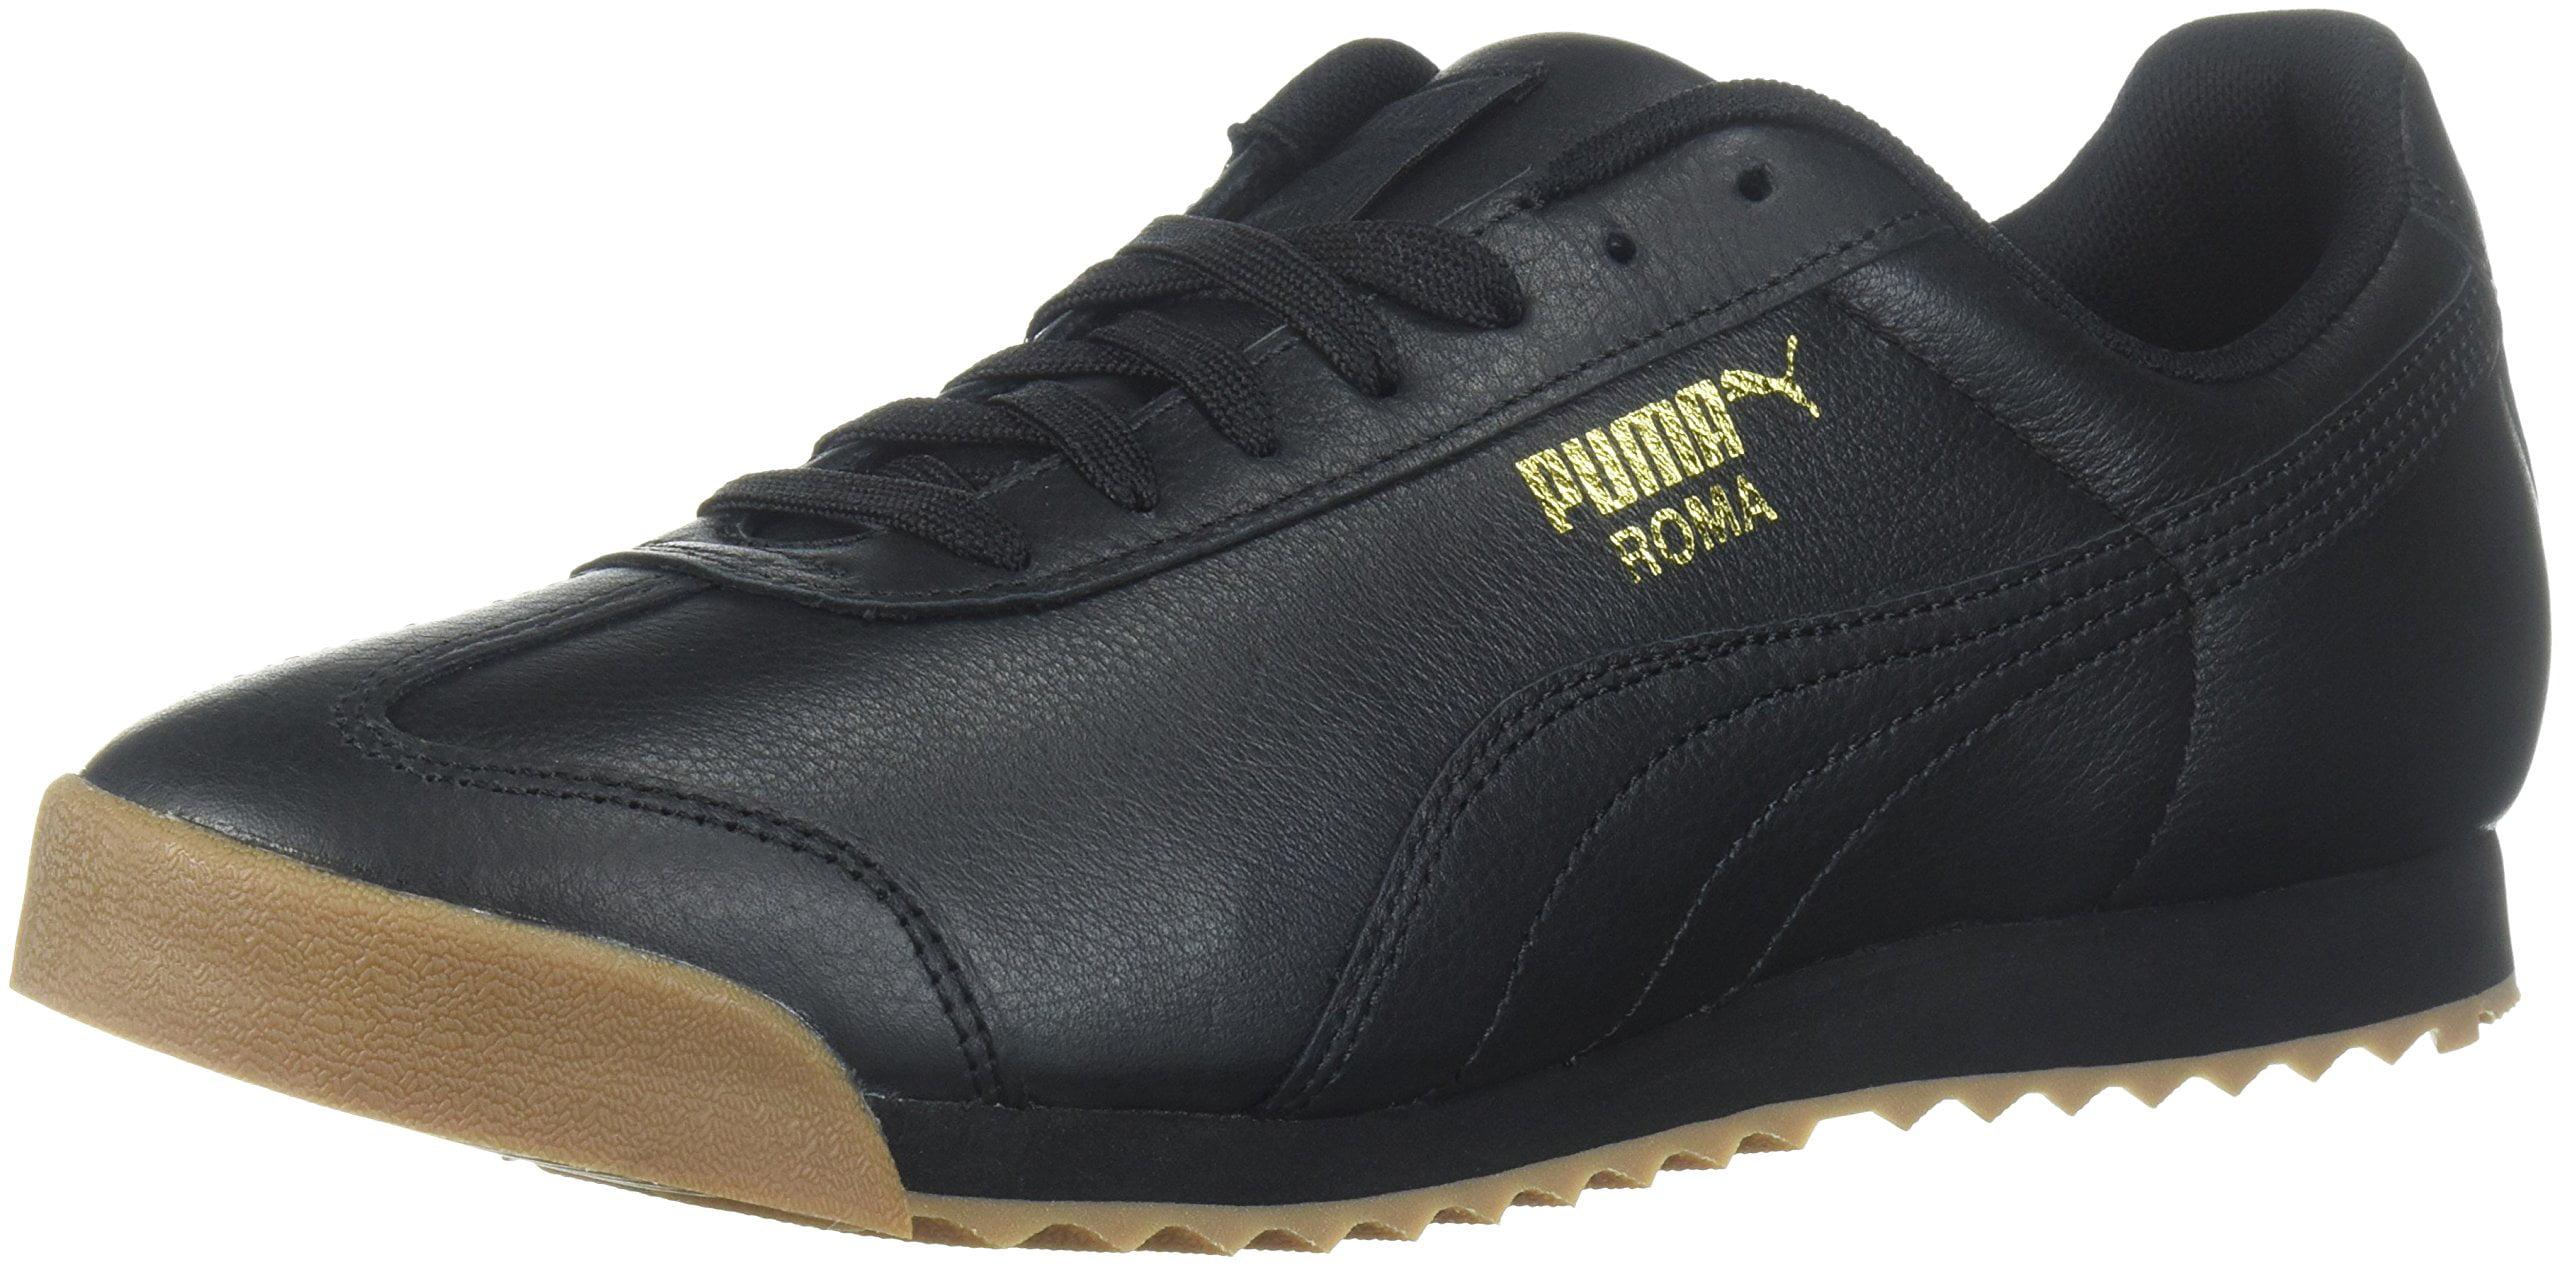 Men's Roma Classic Gum Sneaker Black